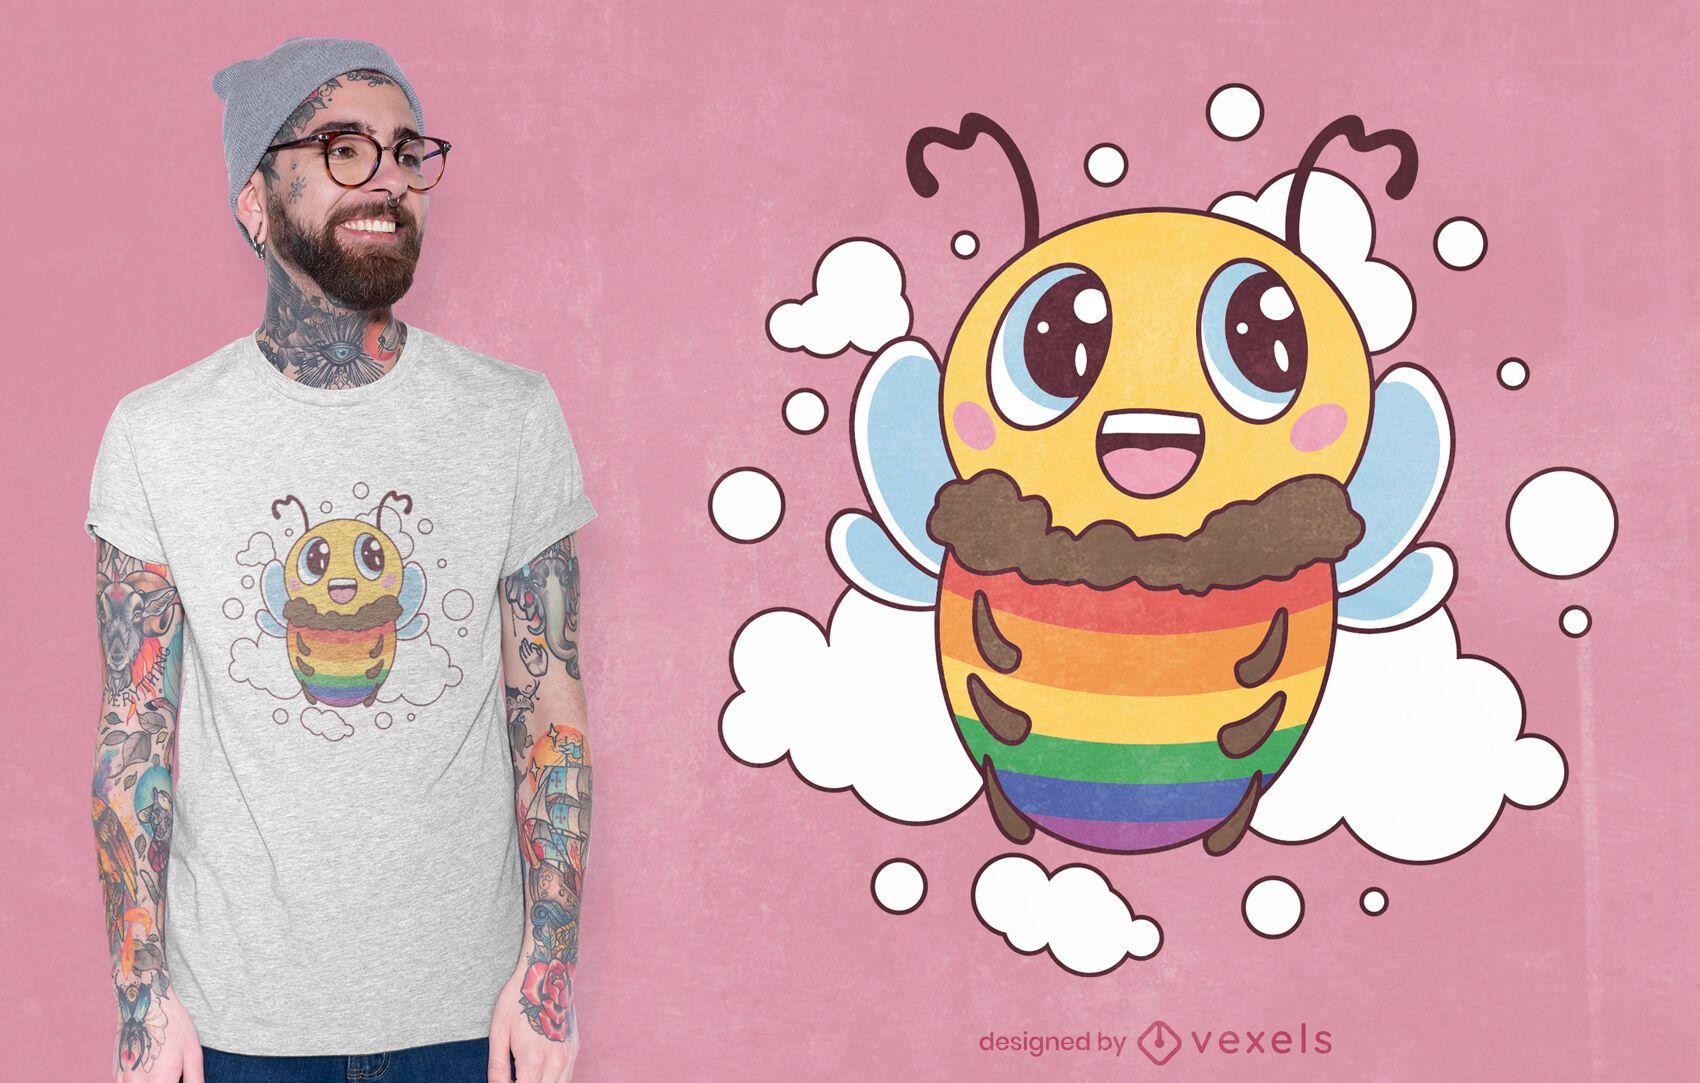 Dise?o de camiseta de abeja lgbt